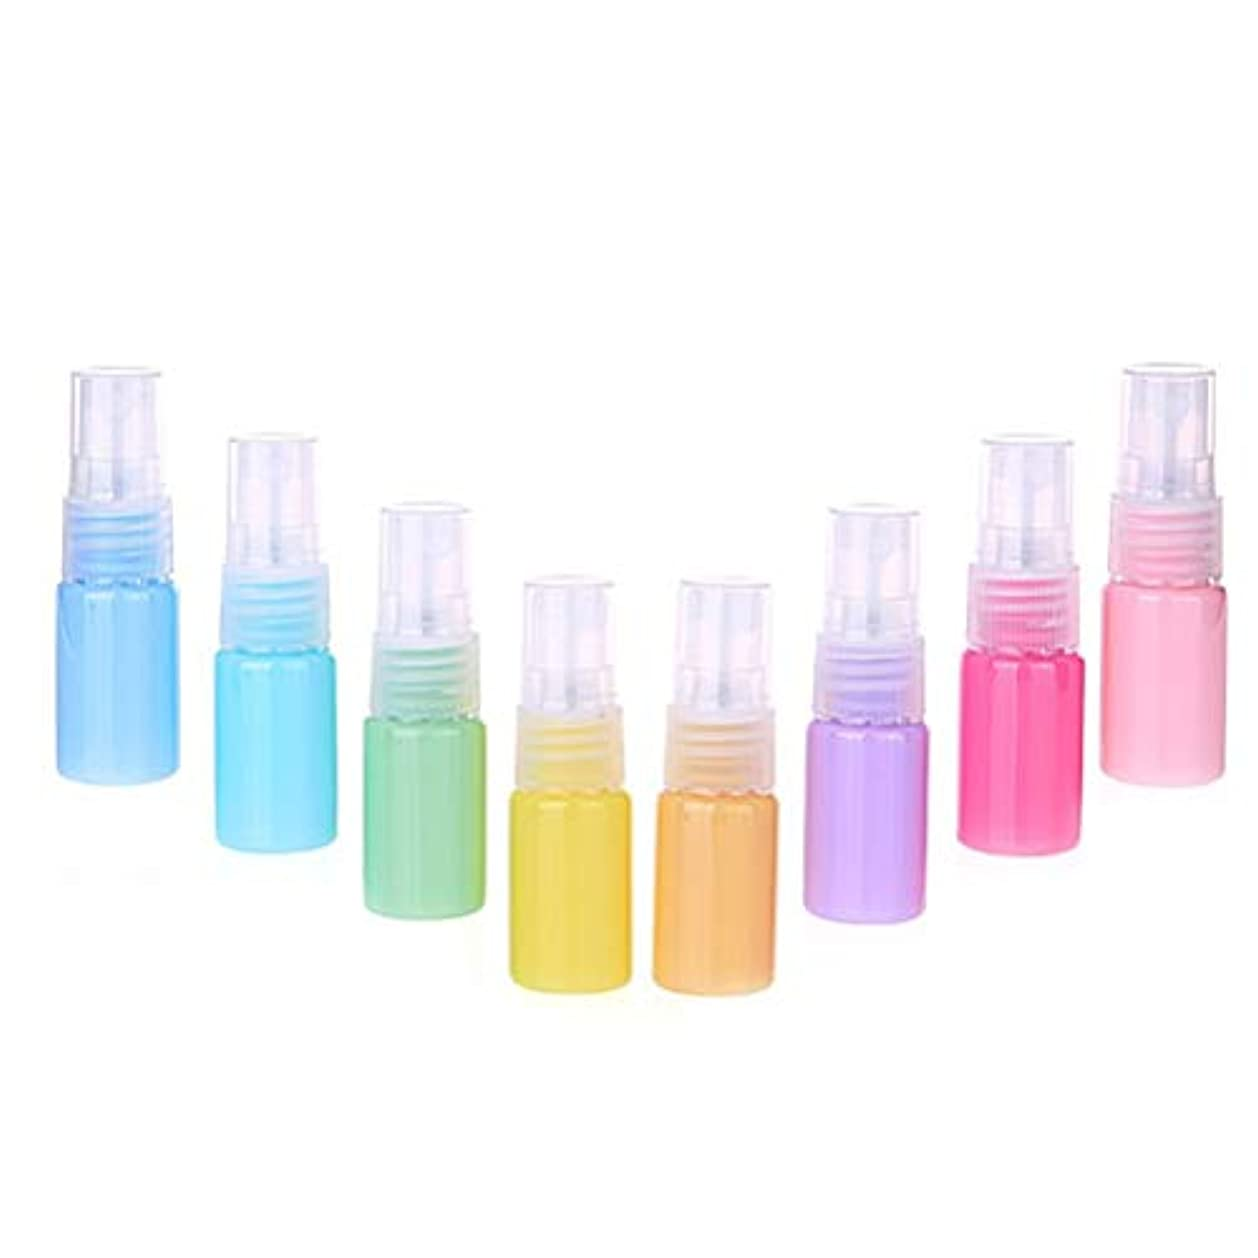 オーナメントバング広々Frcolor 8ピース 10ml スプレー空ボトル カラフルな 収納ボトル 耐久性 化粧水 旅行アクセサリー (混合色)